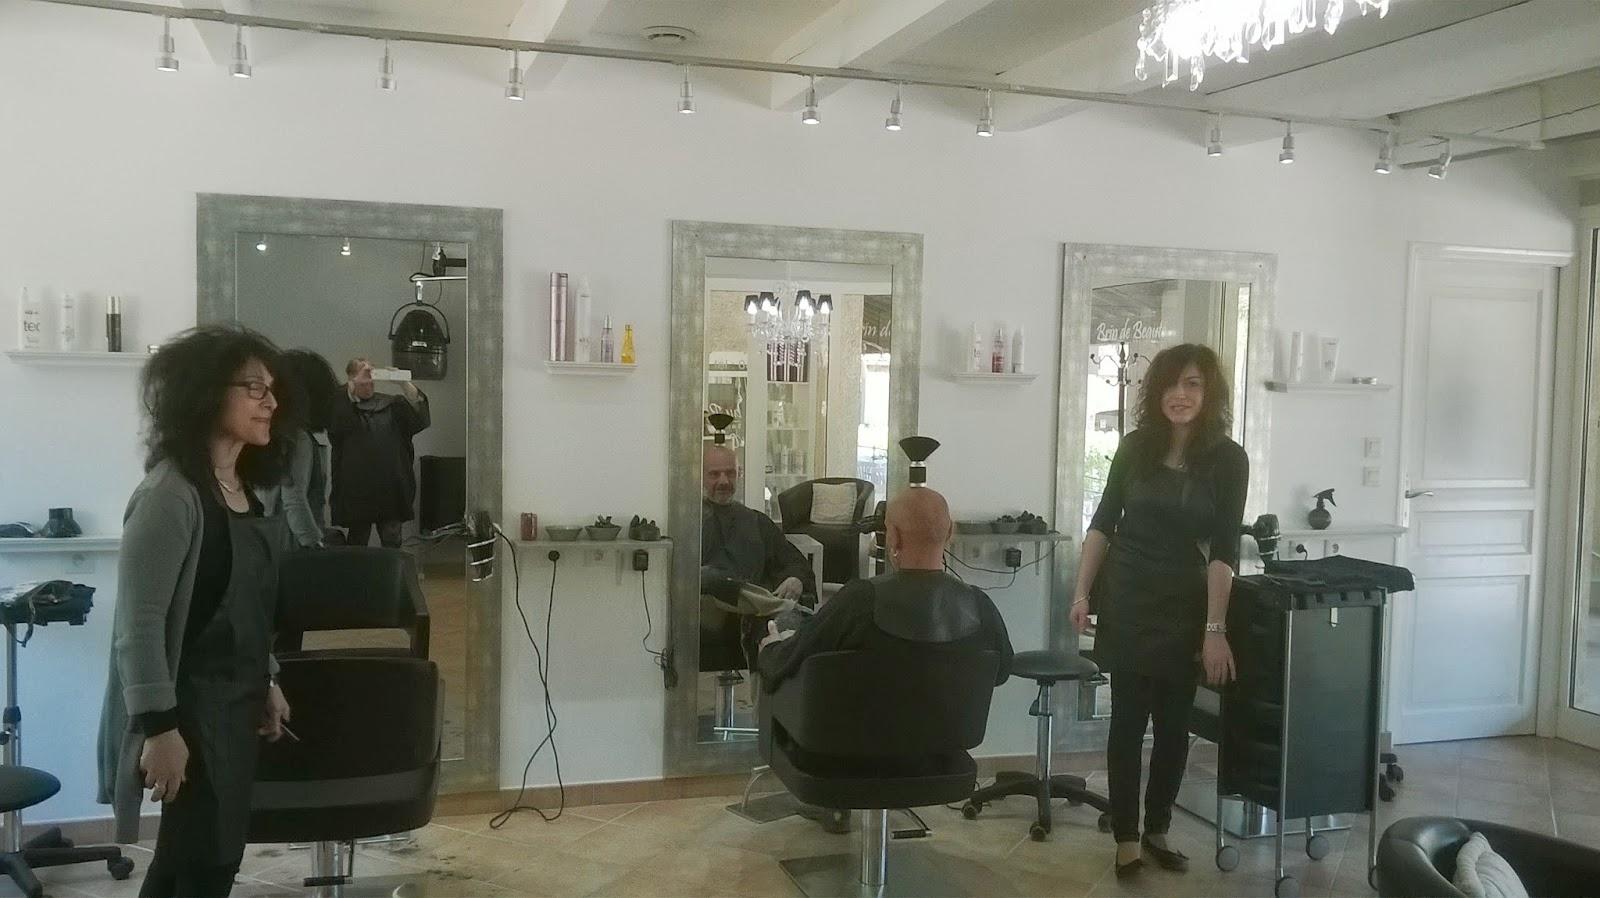 Salon de coiffure ouvert le lundi - Salon de coiffure ouvert le dimanche paris ...